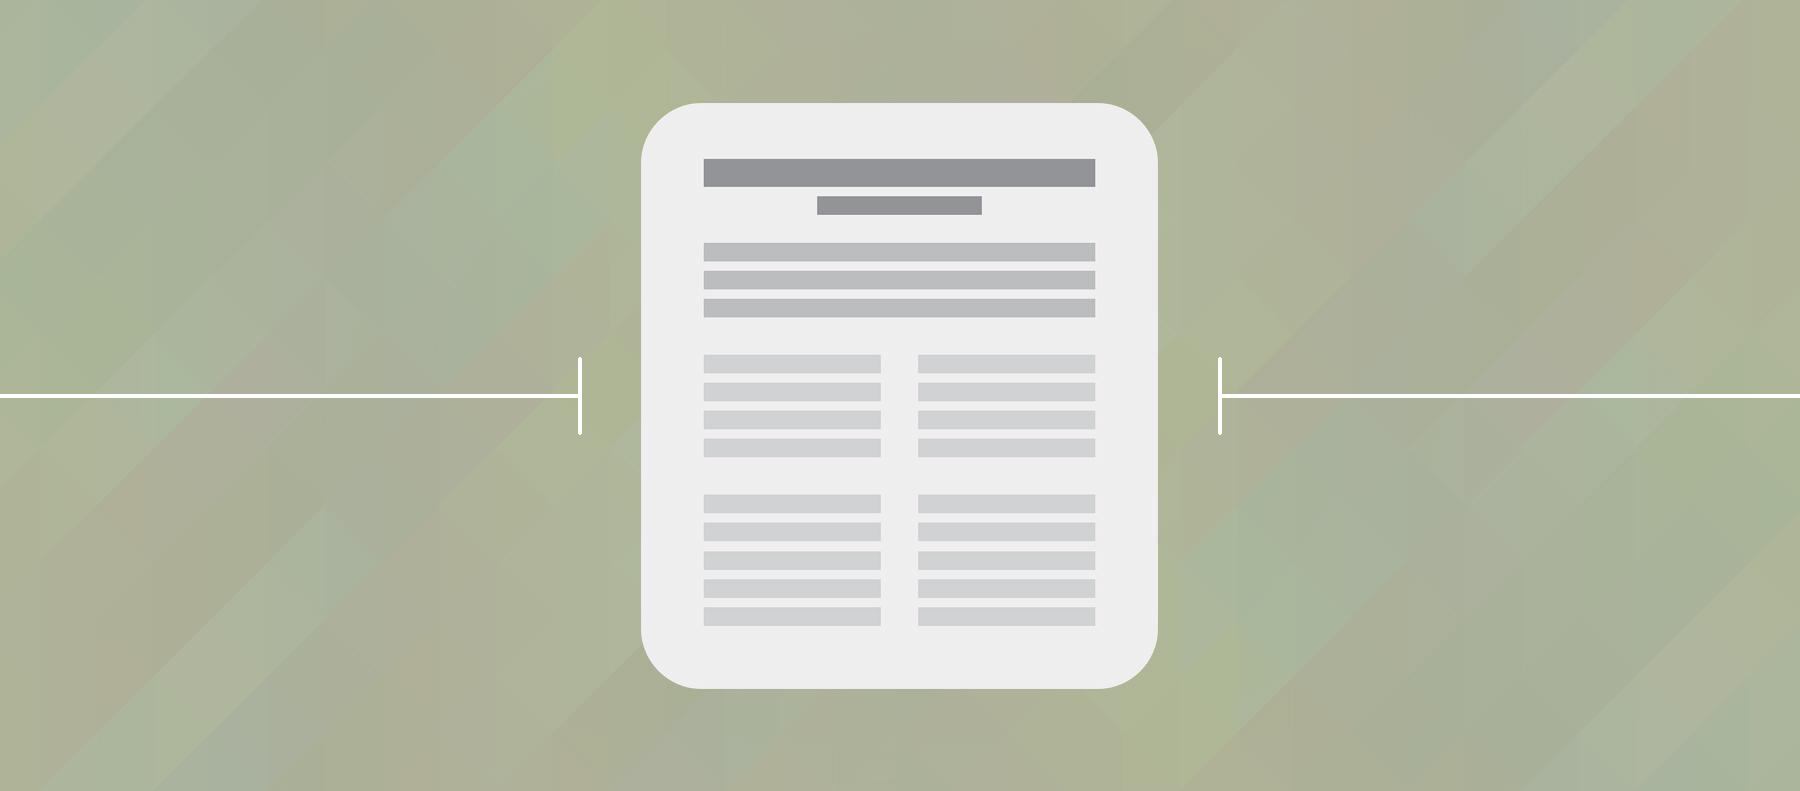 Centrar página web horizontalmente con HTML y CSS